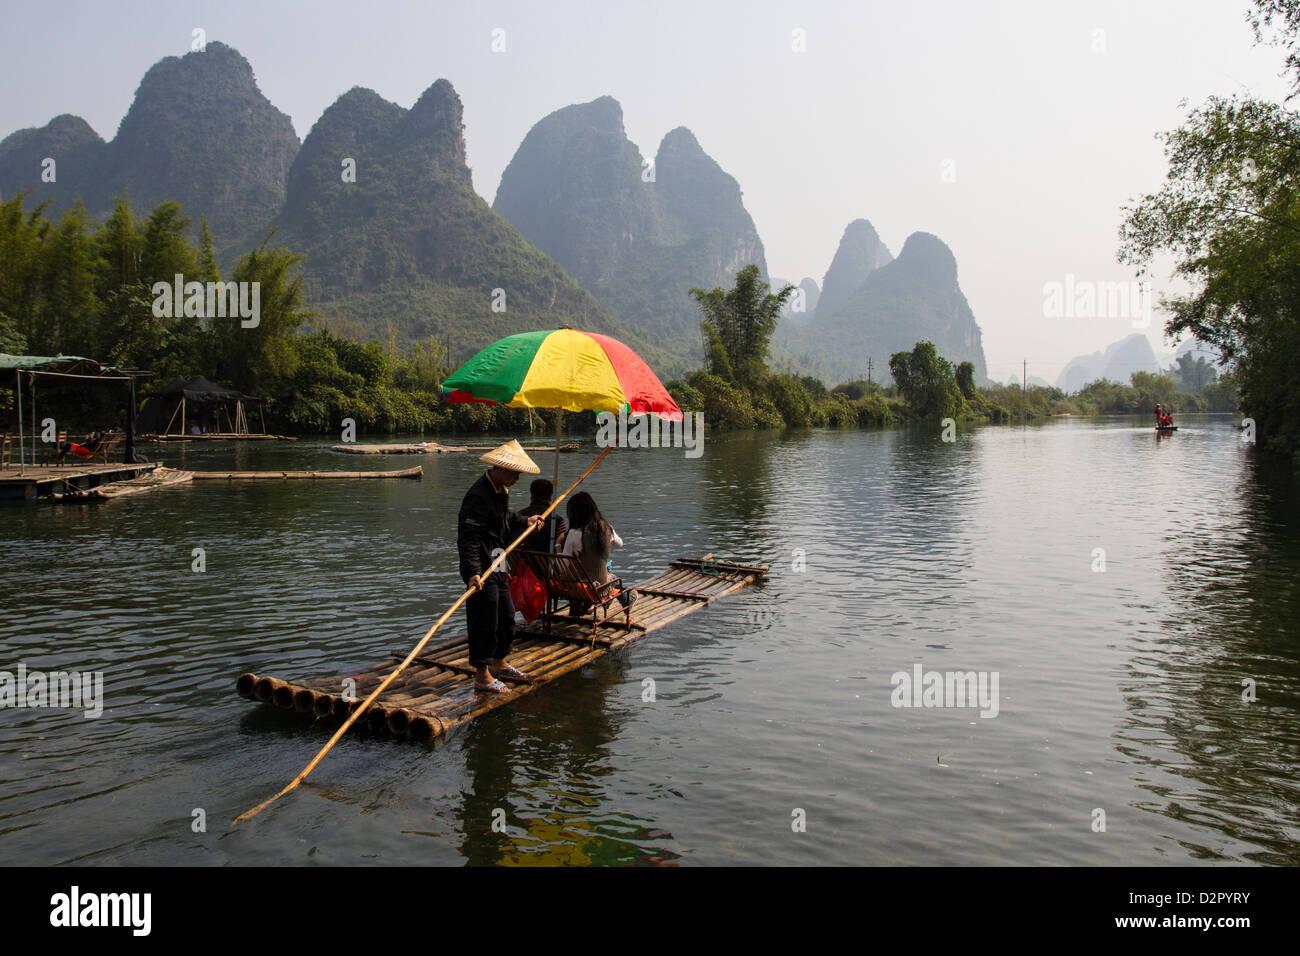 Rafting on the Yulong River, Yangshuo, Guangxi, China, Asia Stock Photo